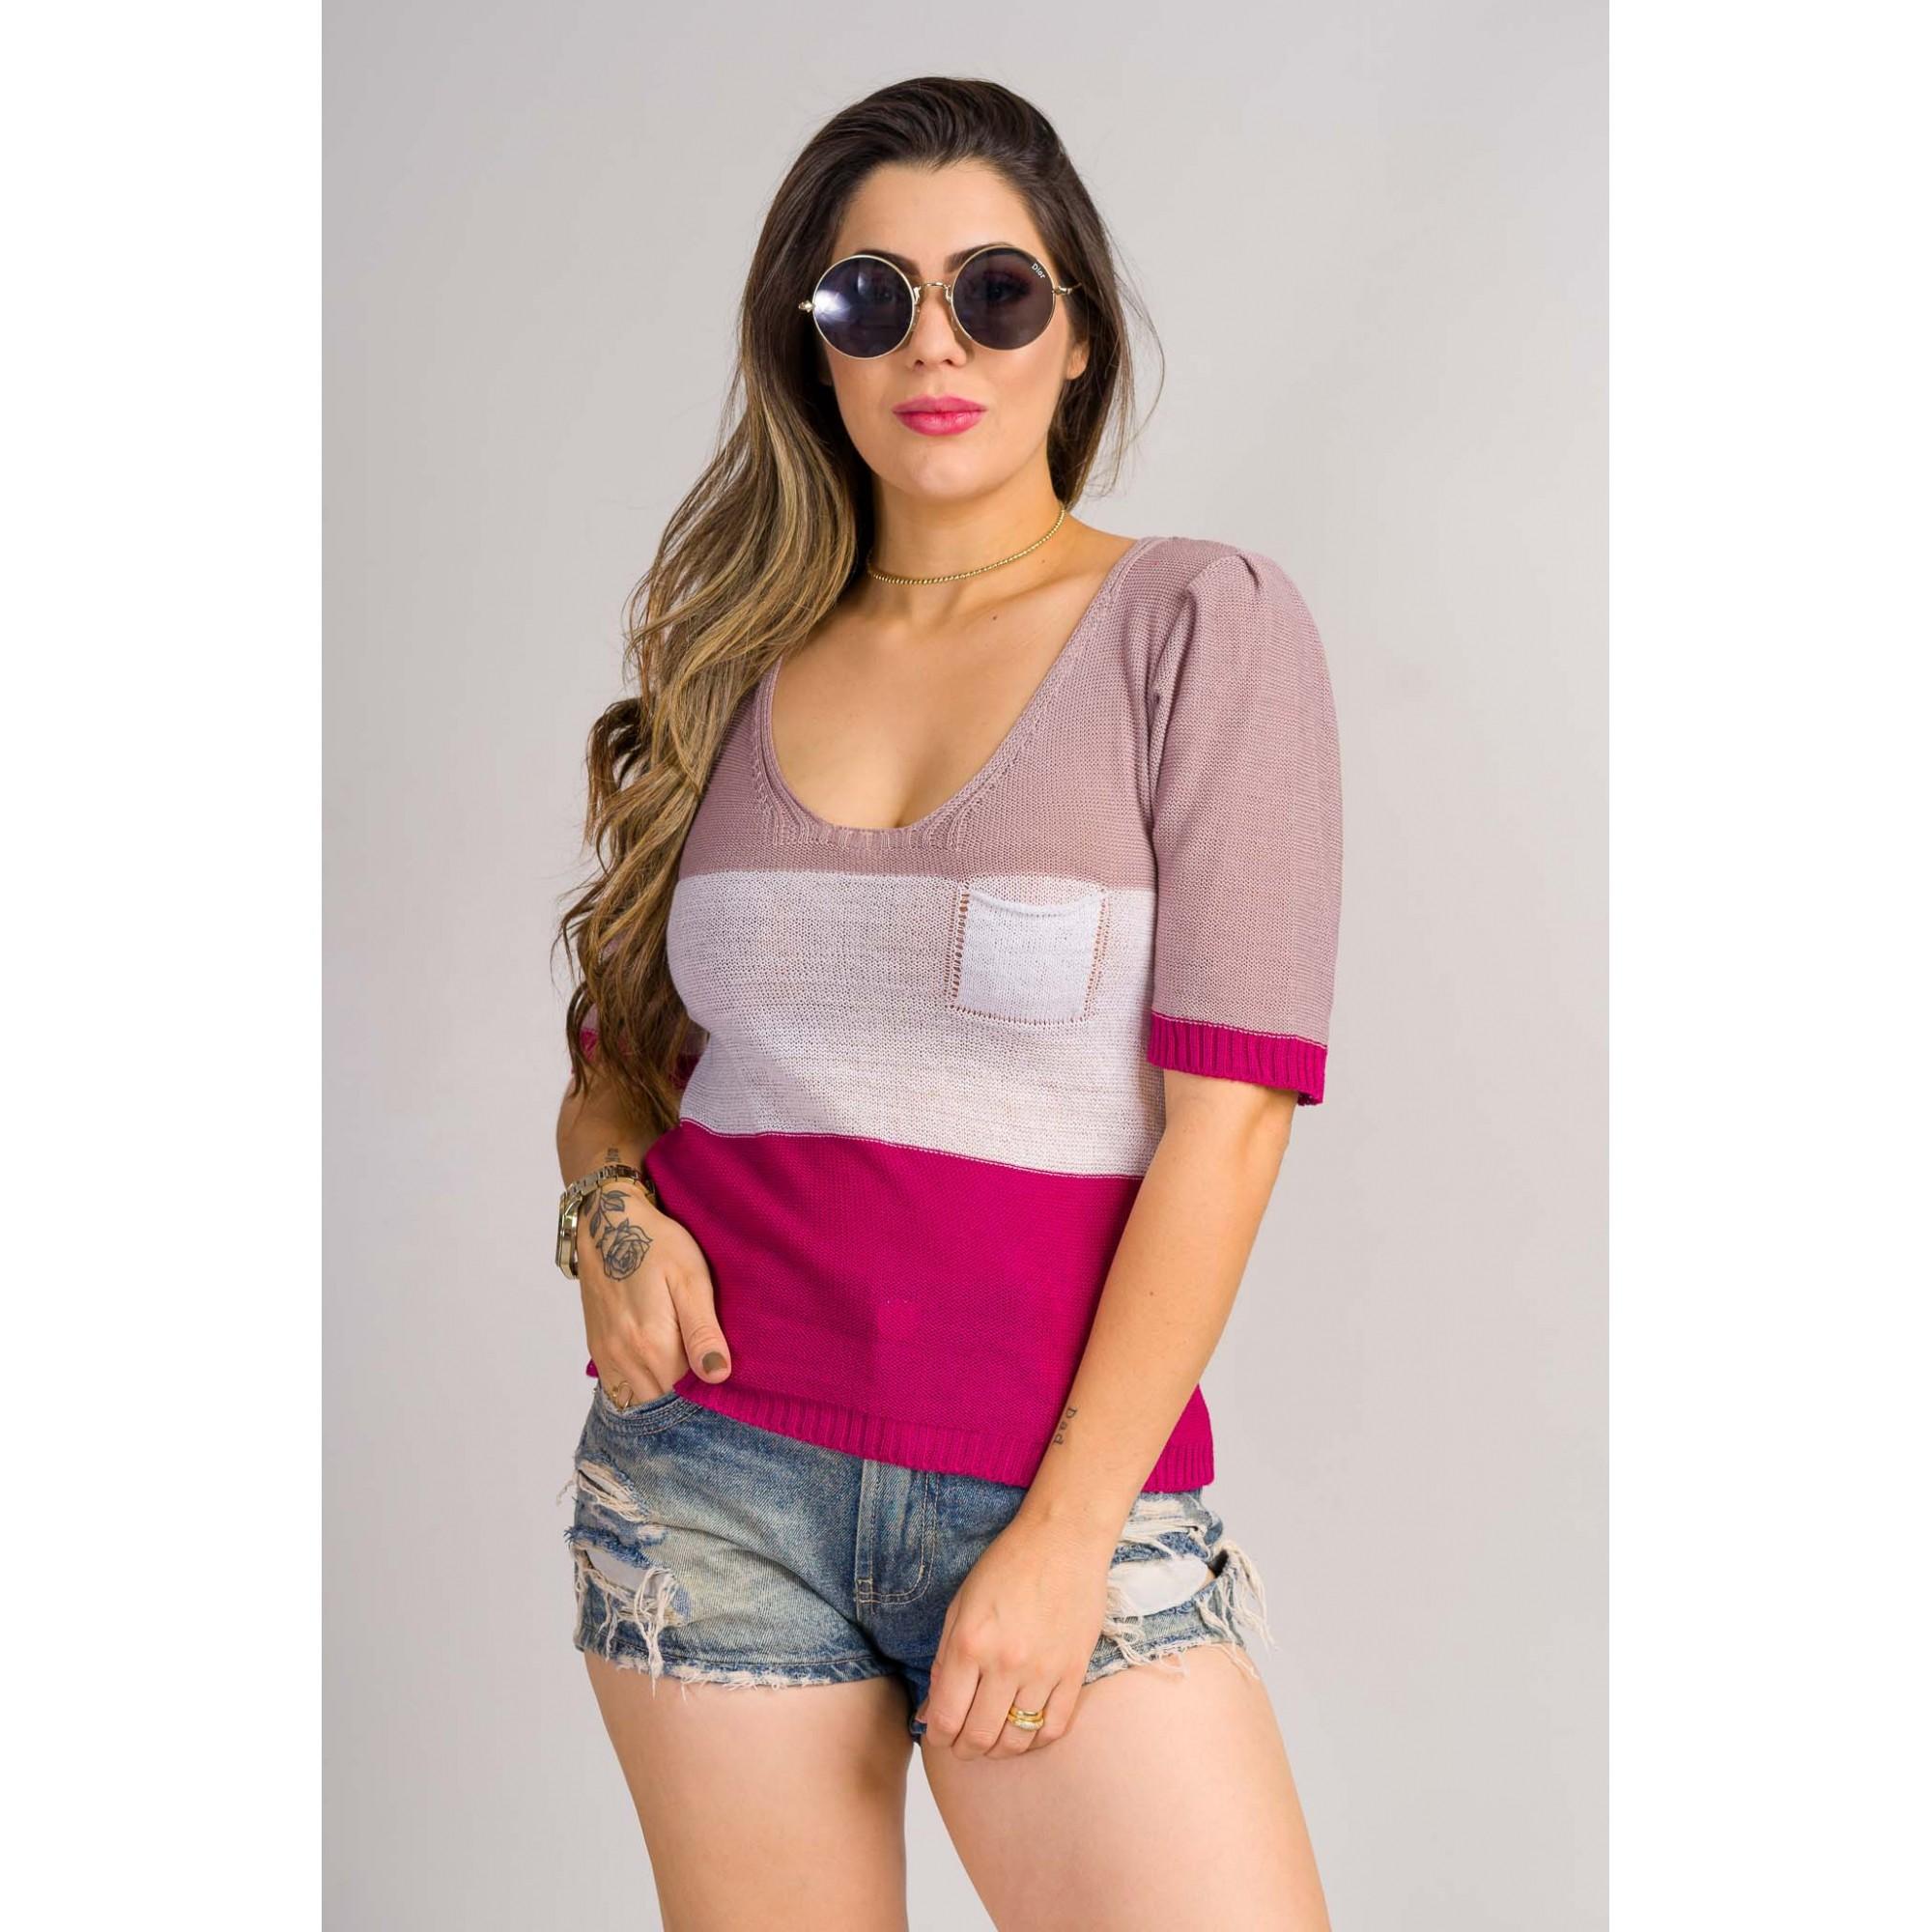 tricot de verão blusa manga curta 3 cores com bolso